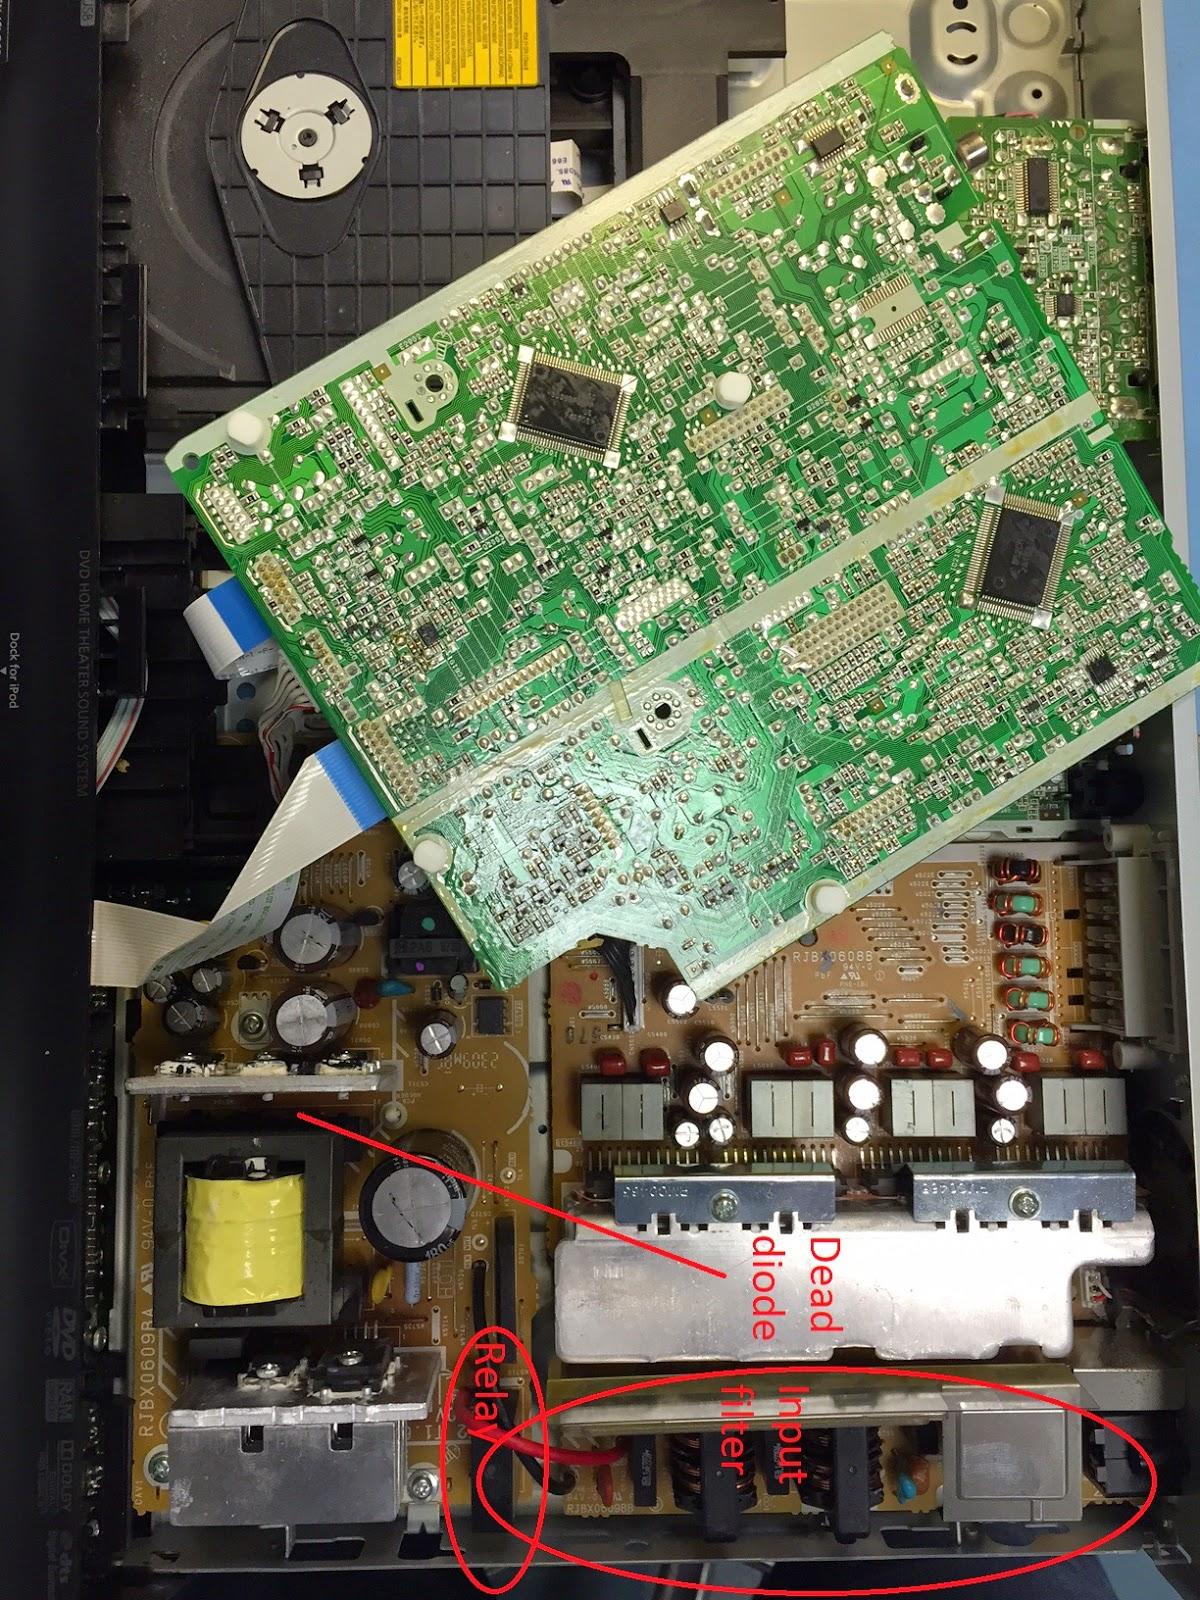 panasonic sc btt370 service manual and repair guide